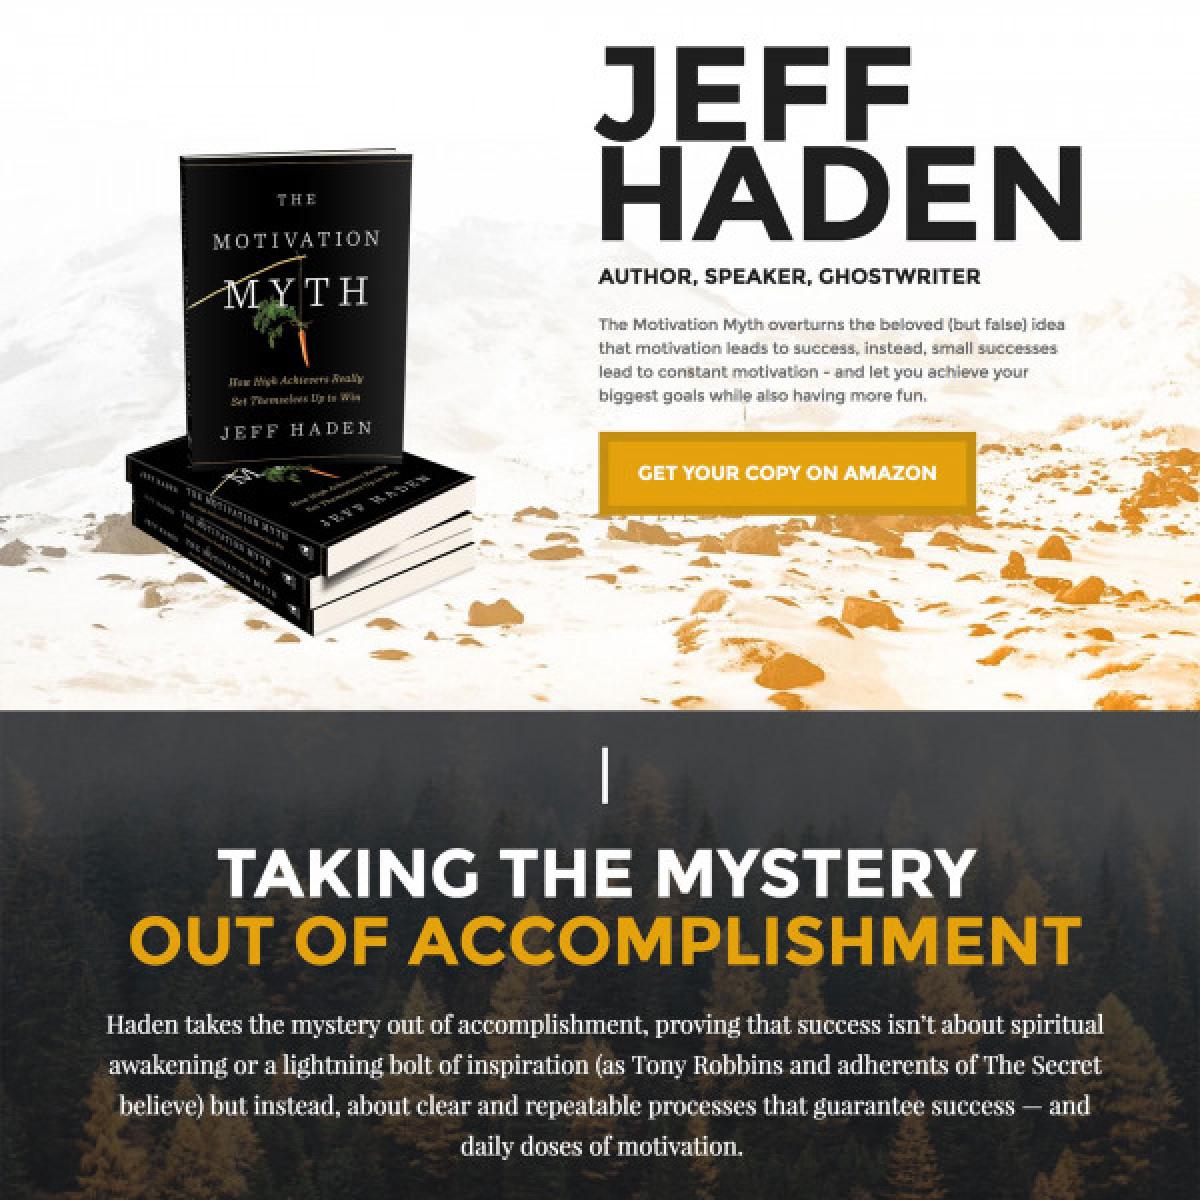 Image of website for Jeff Haden